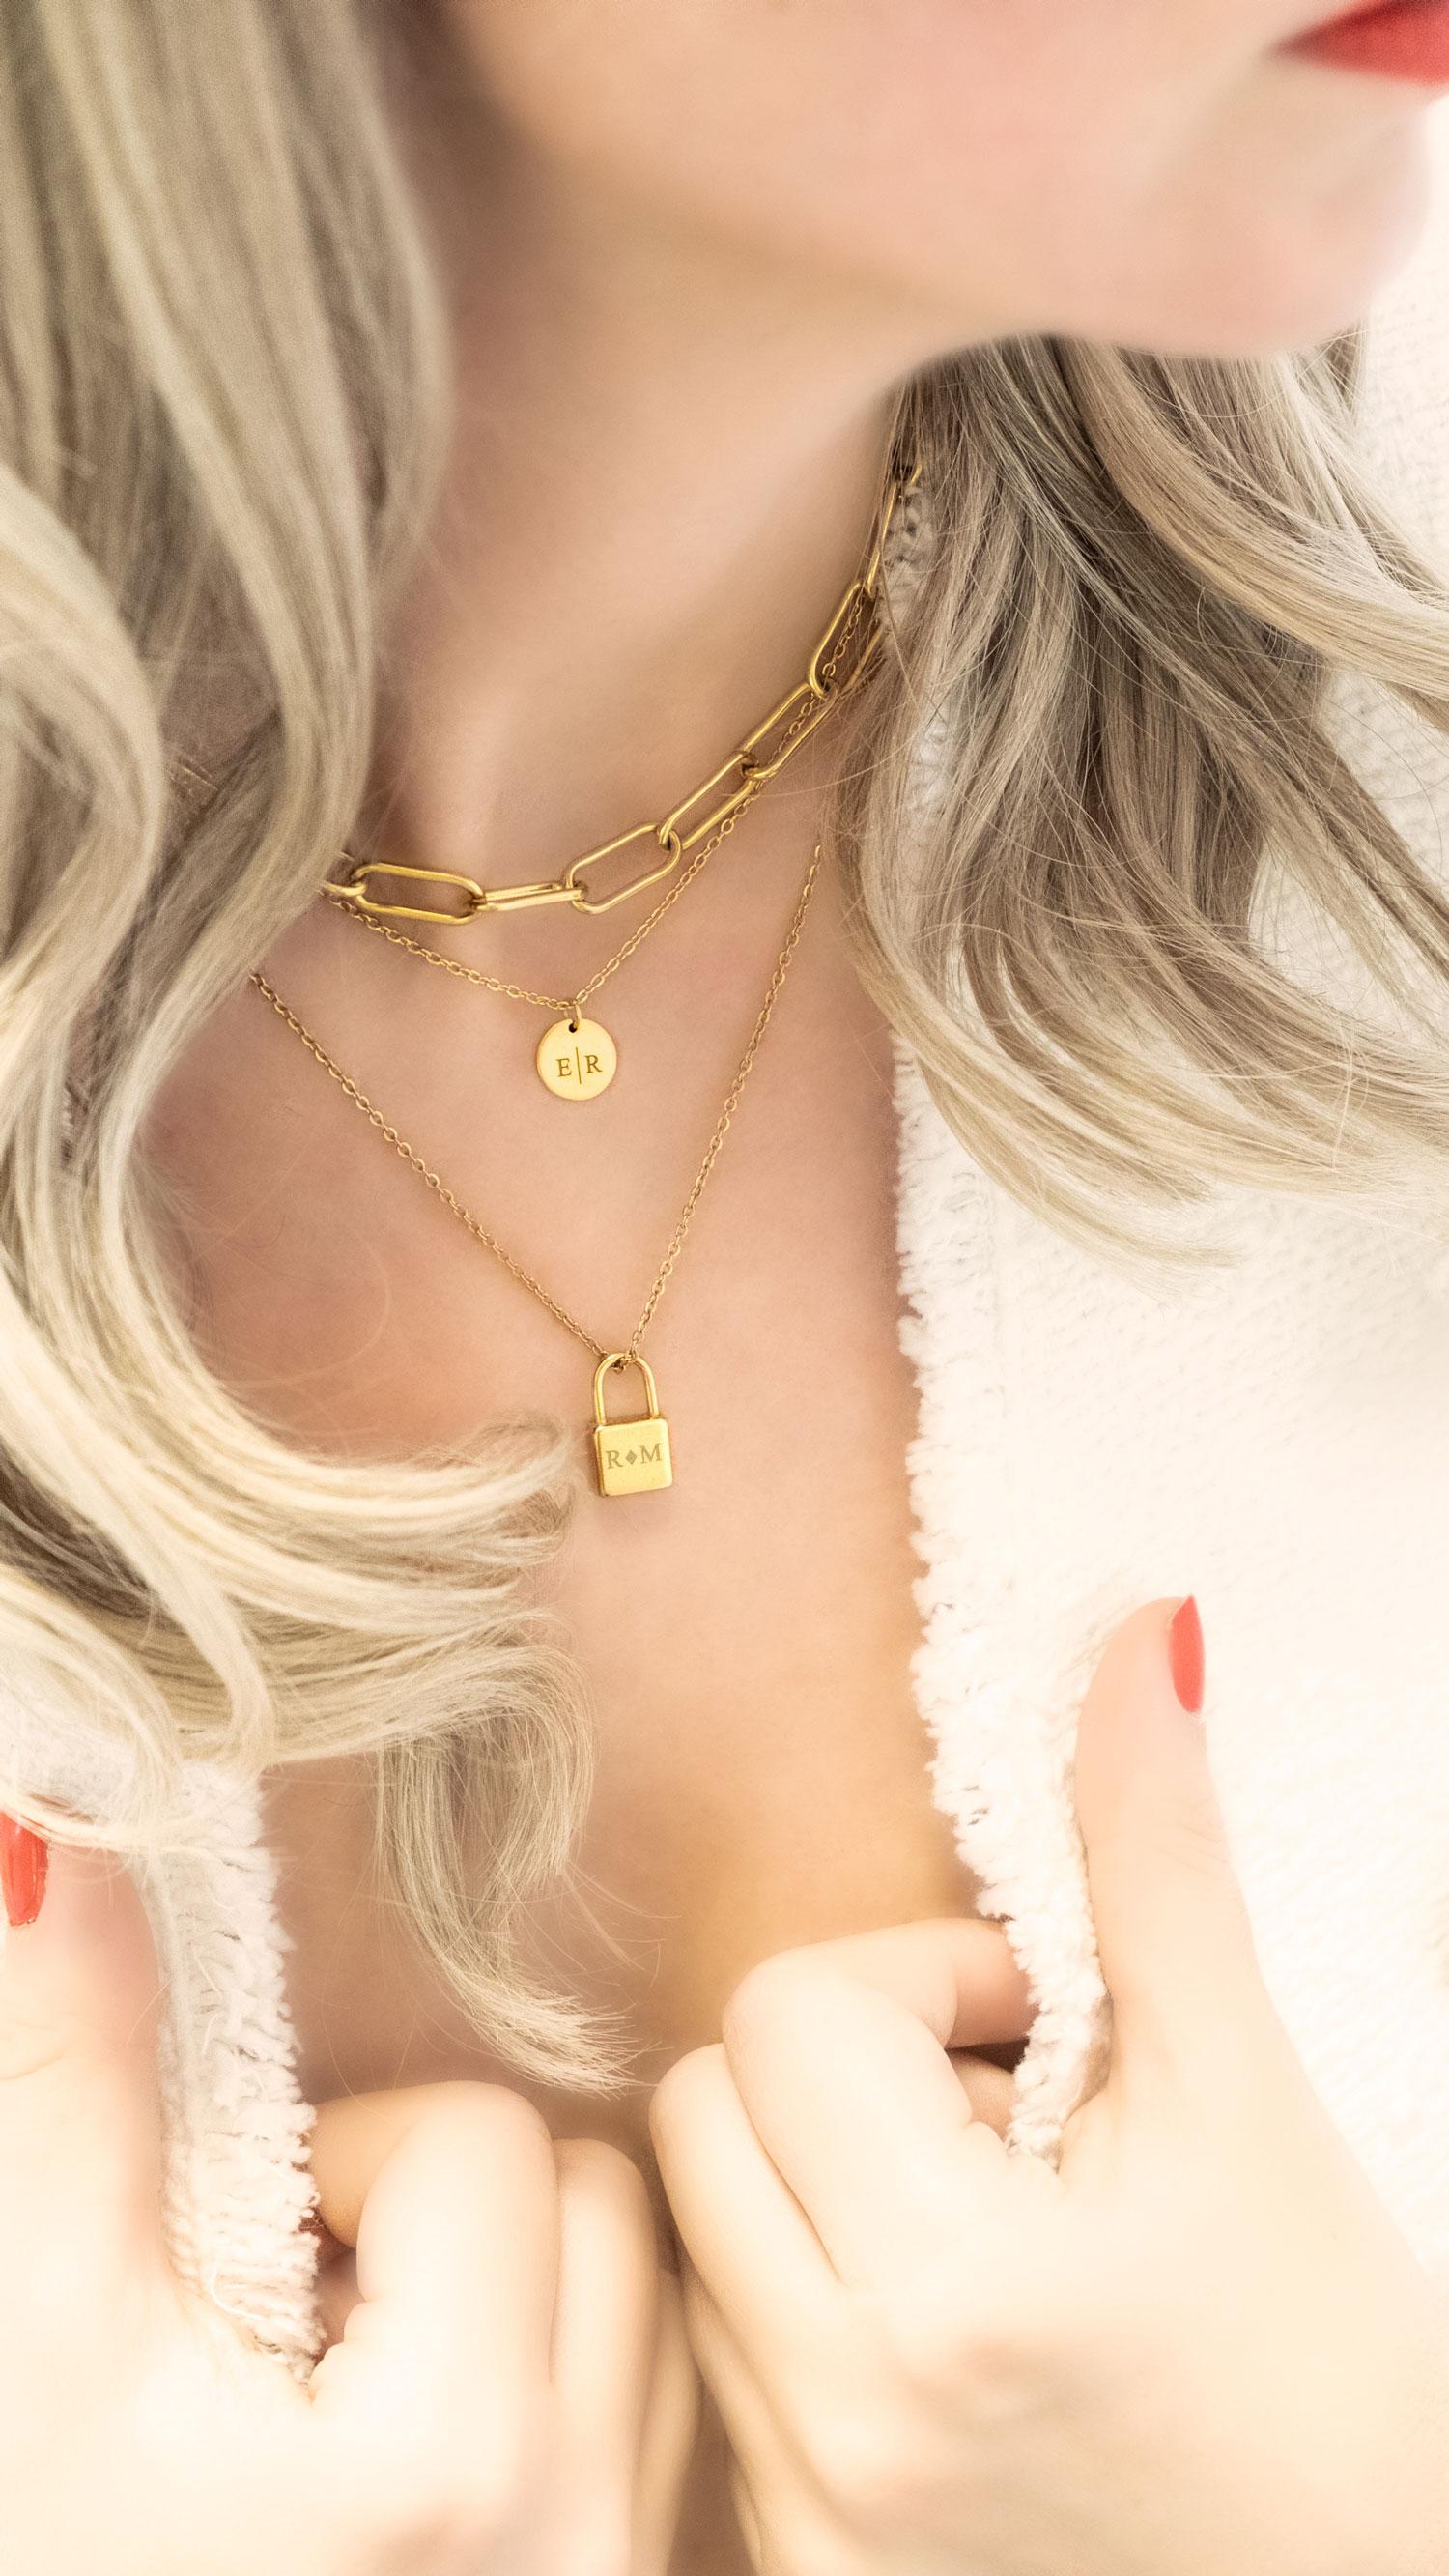 trendy schakelketting in het goud bij een blonde vrouw